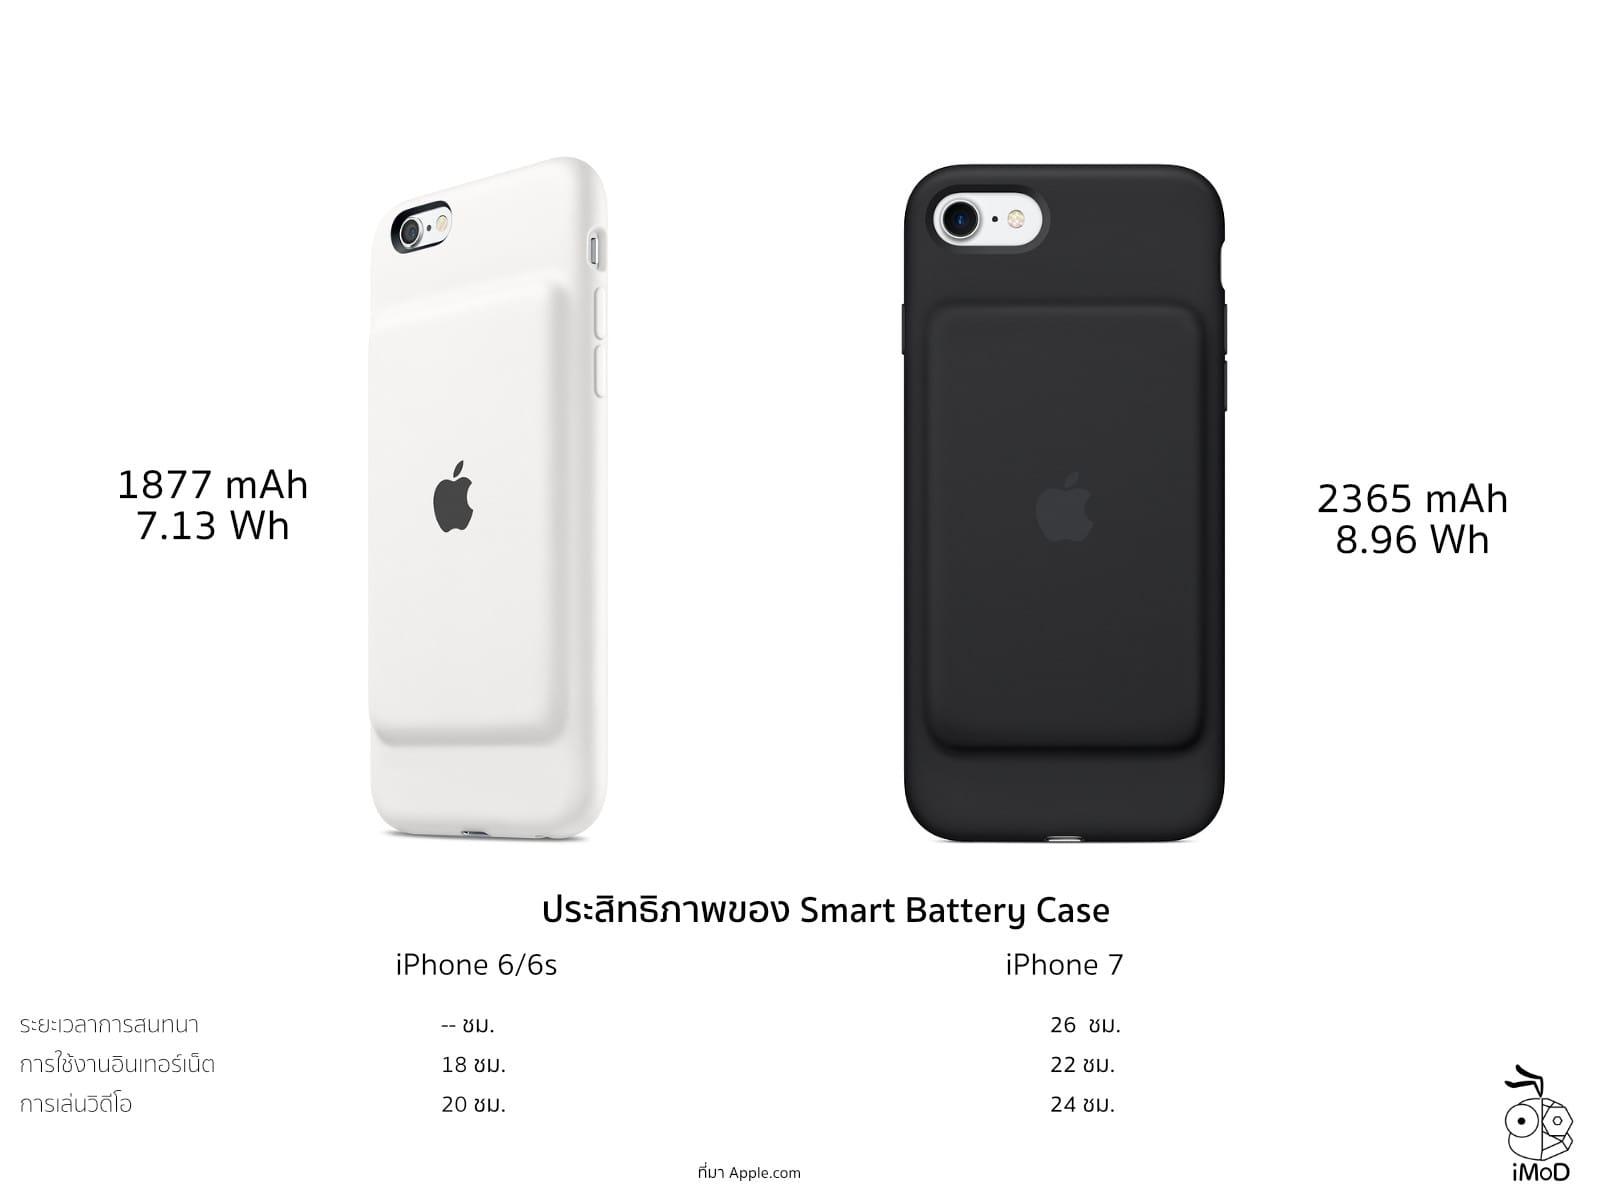 Smart Battery Case 6 Vs 7 Compare